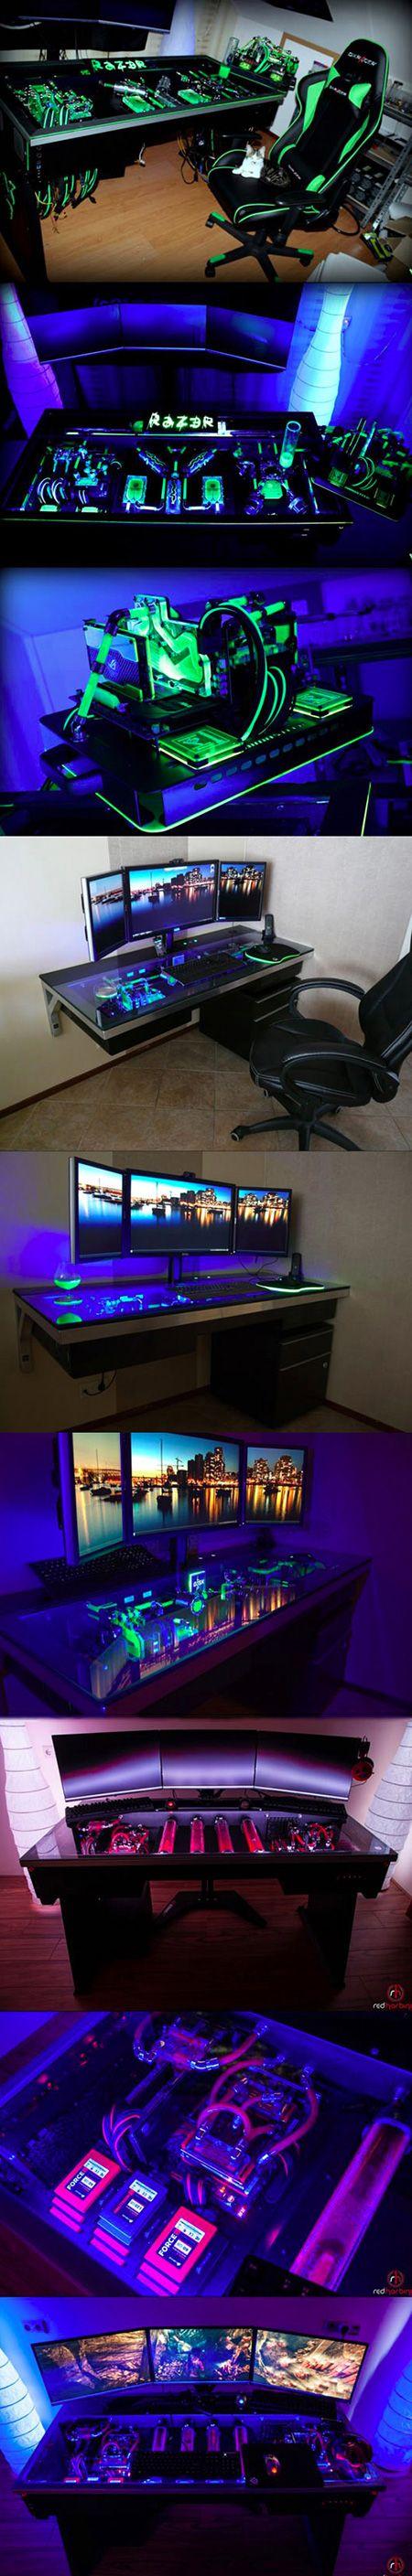 fancy plush design best computer desk for gaming. 165 best Computer Office Furniture and Sweet setups images on Pinterest  Computers Desks Gamer room